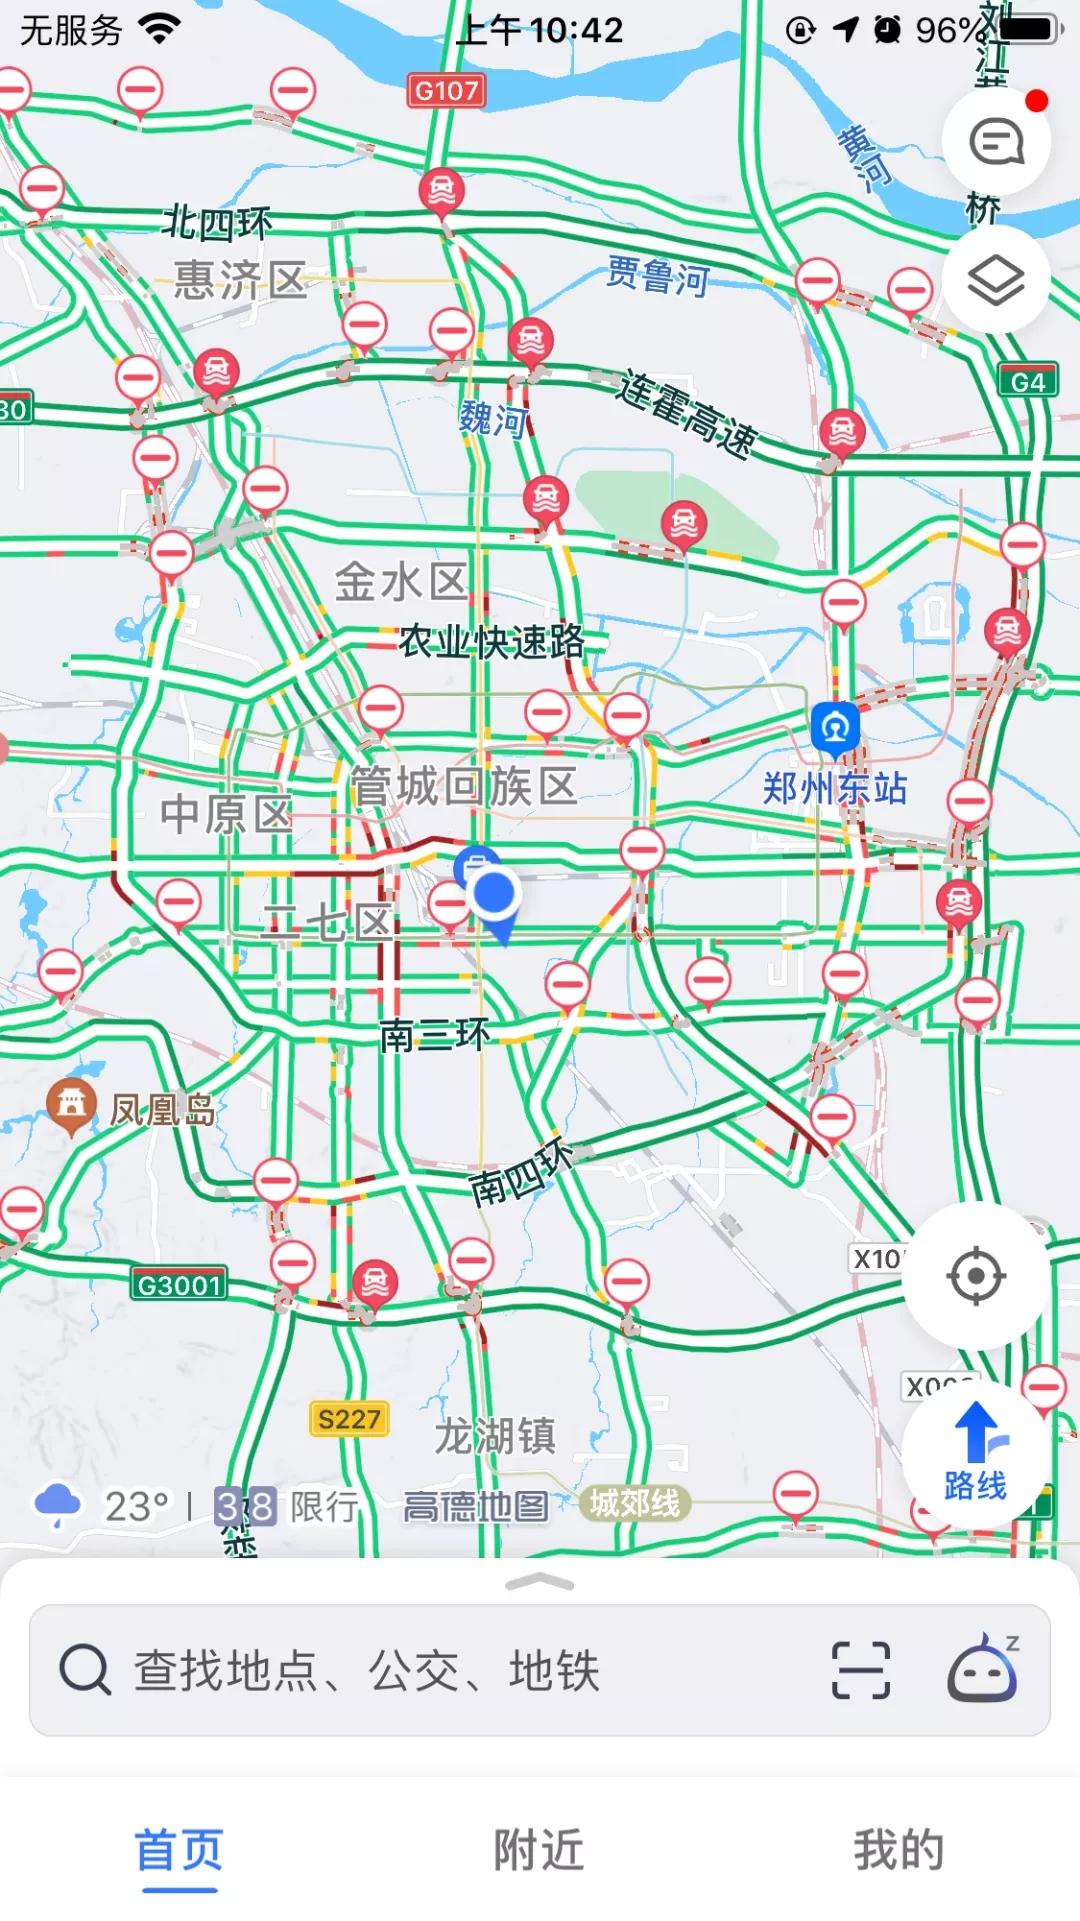 富达平台招商特大暴雨奔袭郑州,12人遇难,河南挺住!